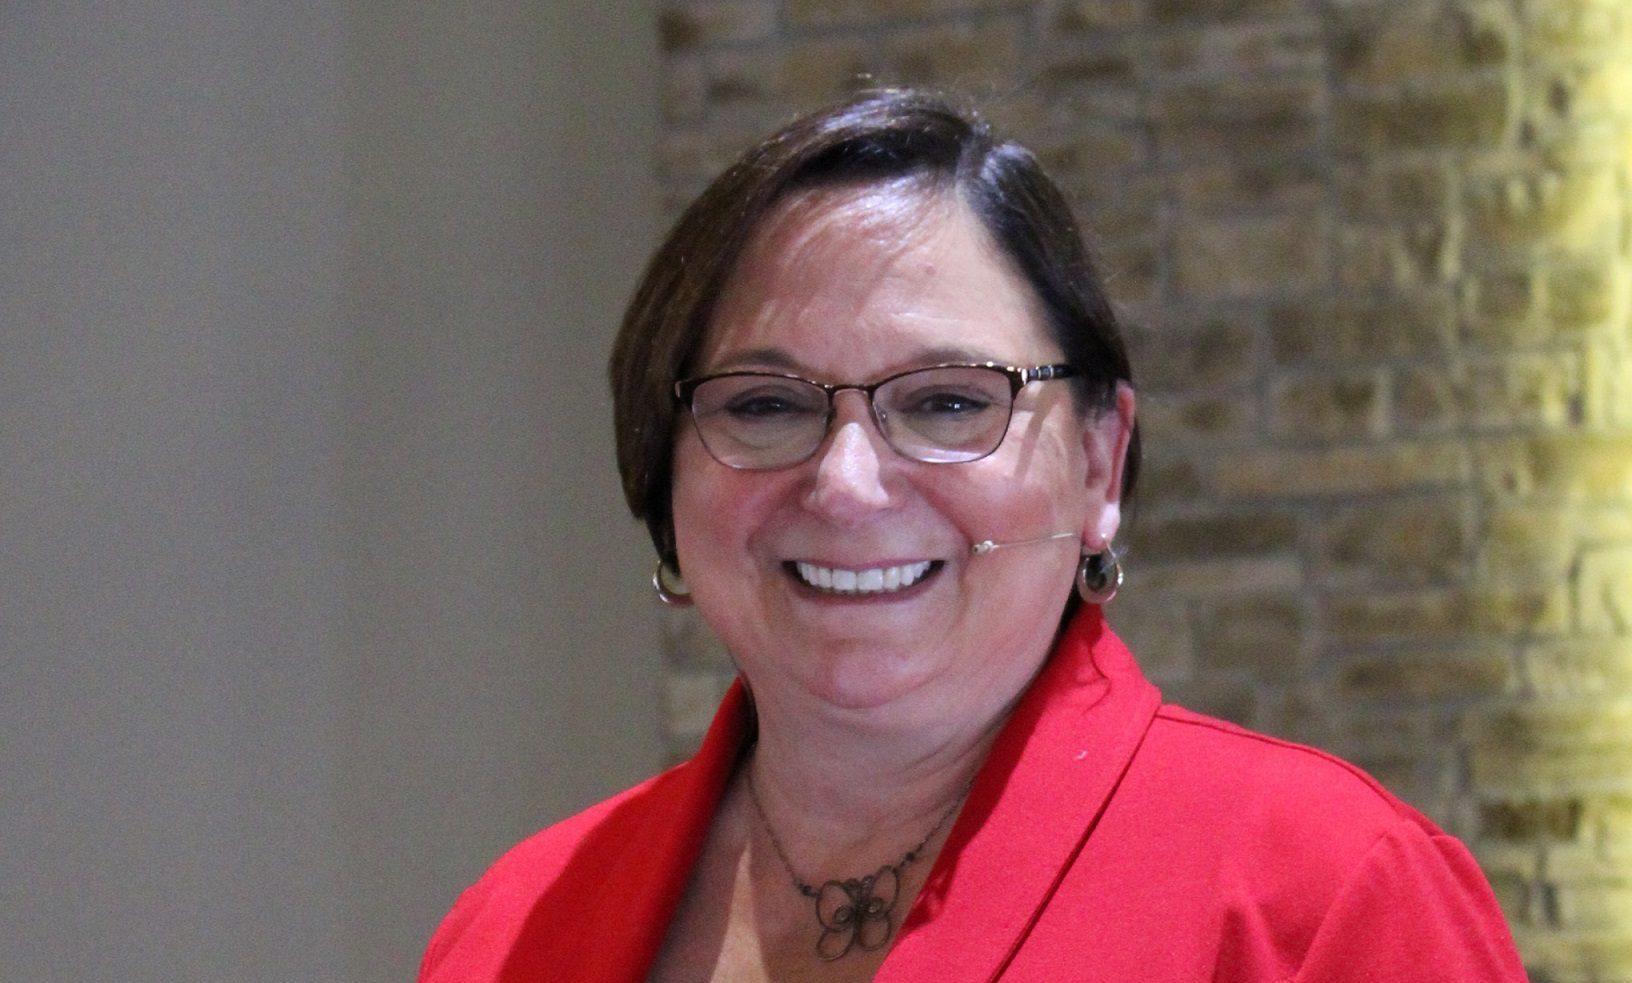 Rev. Beth Kellner